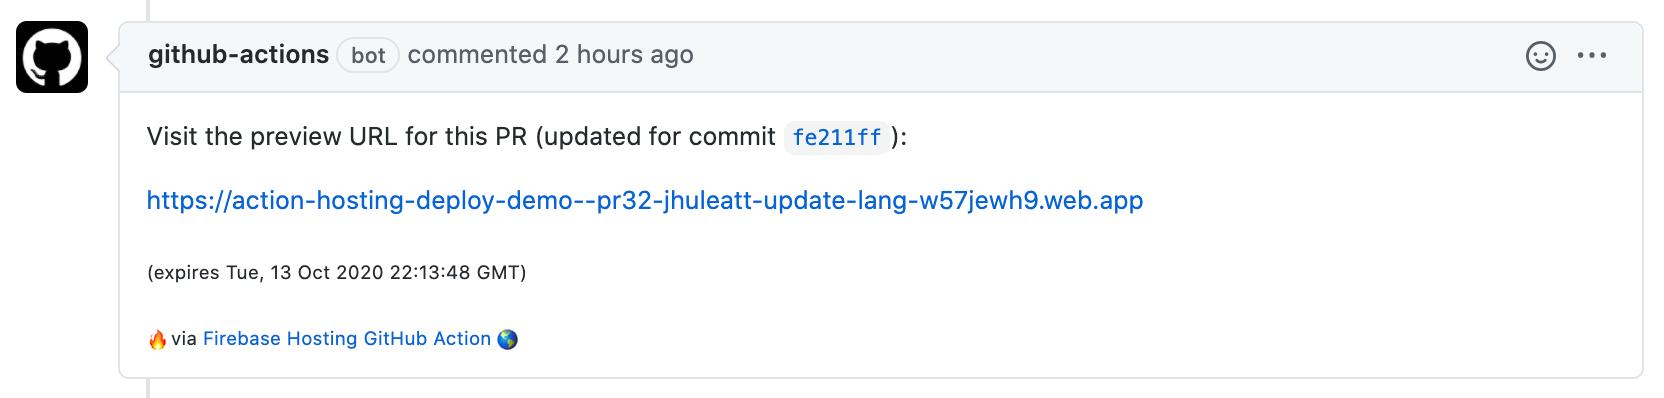 带有预览URL的GitHub Action PR评论图像